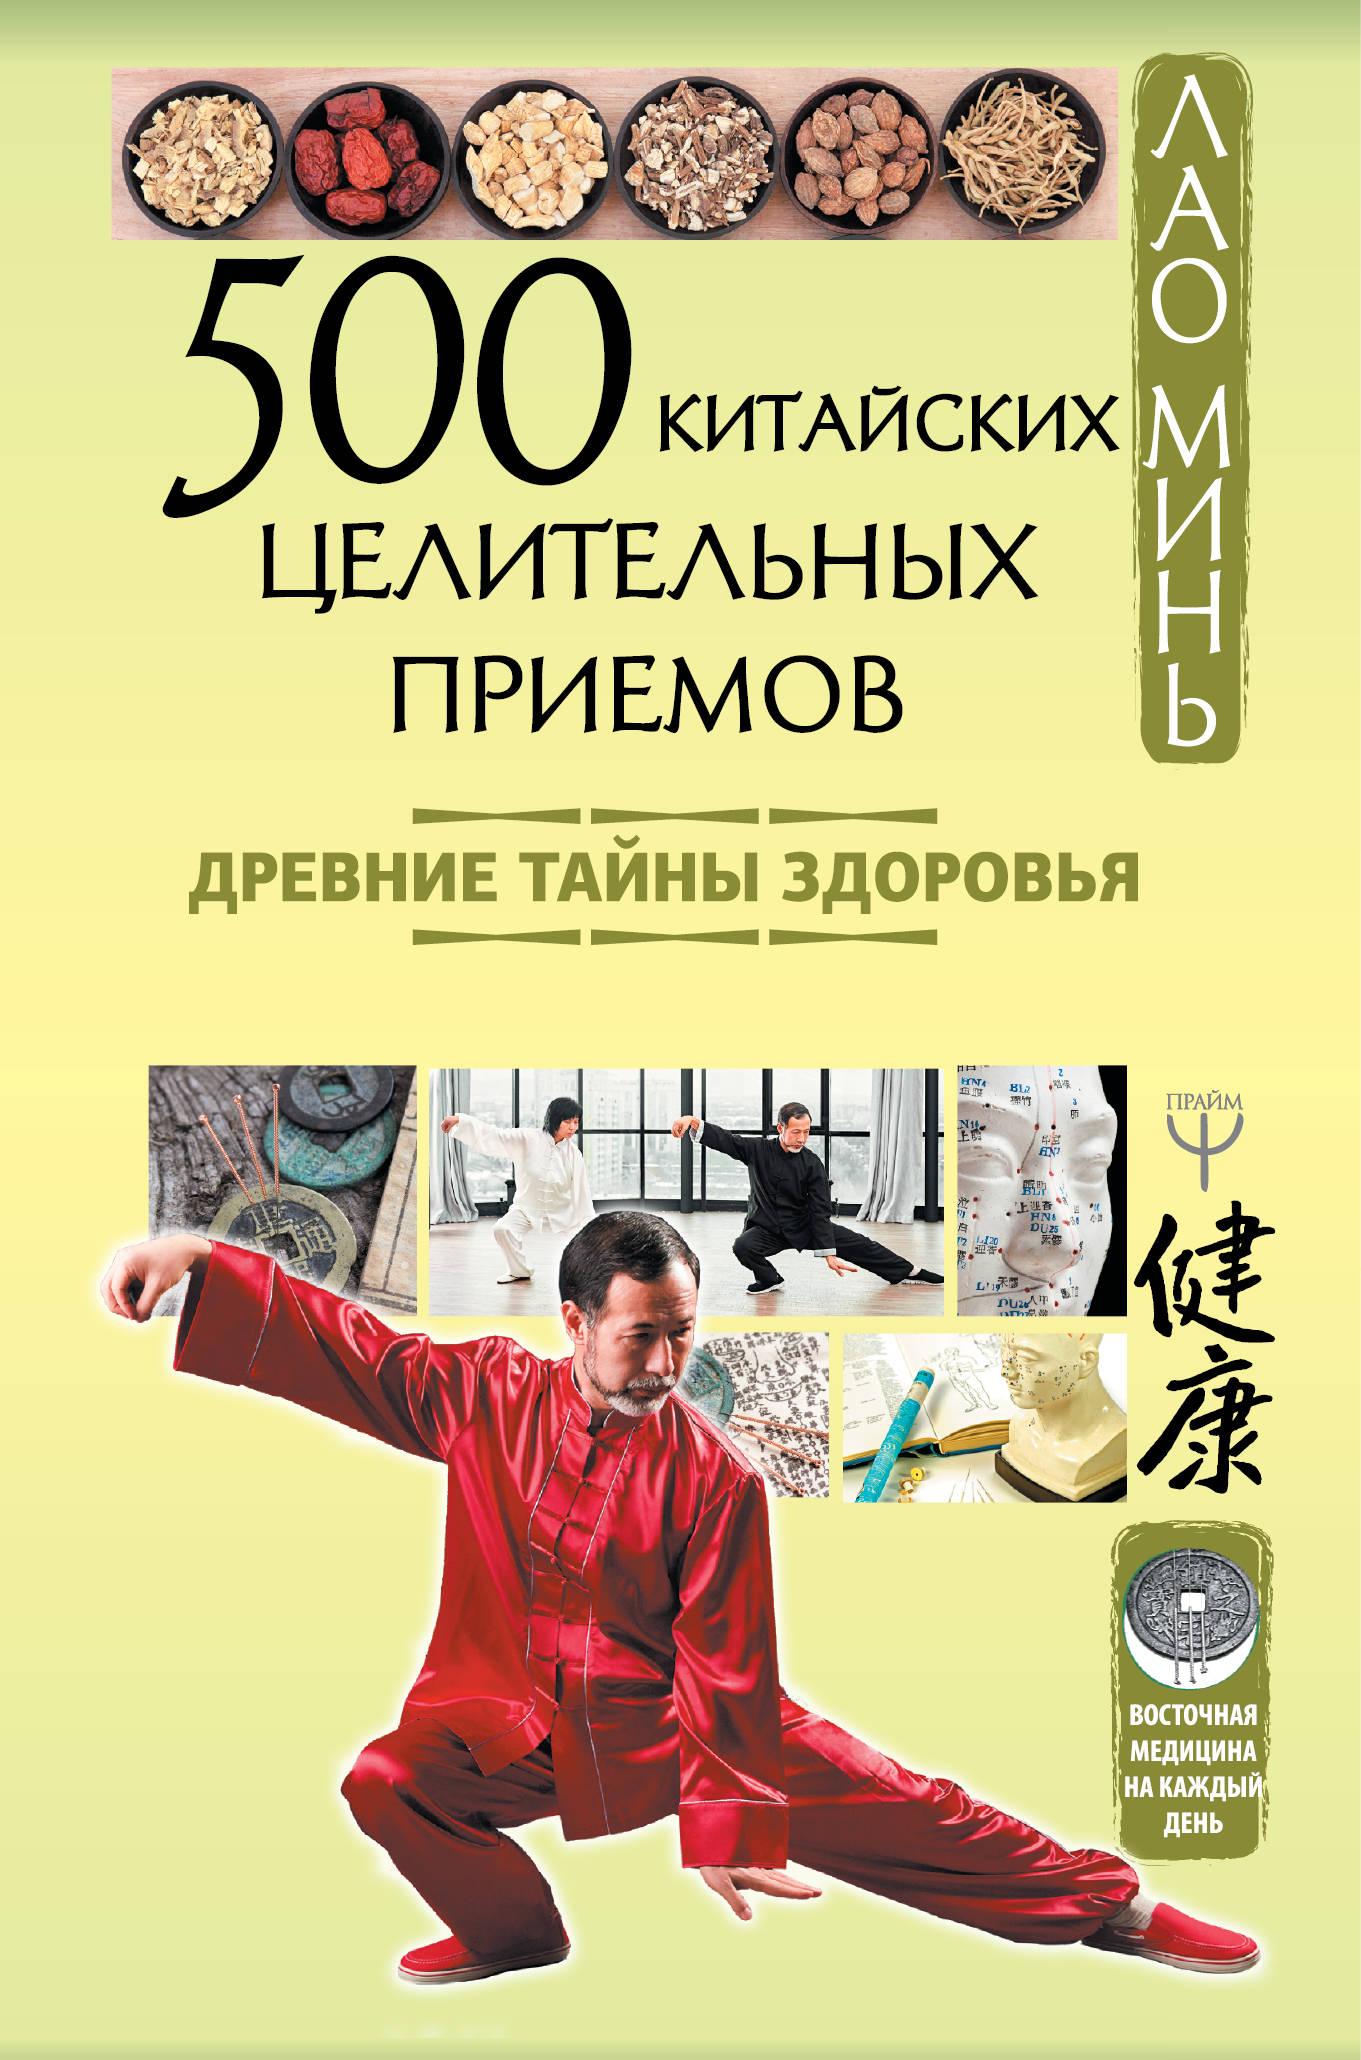 500 kitajskikh tselitelnykh priemov. Drevnie tajny zdorovja